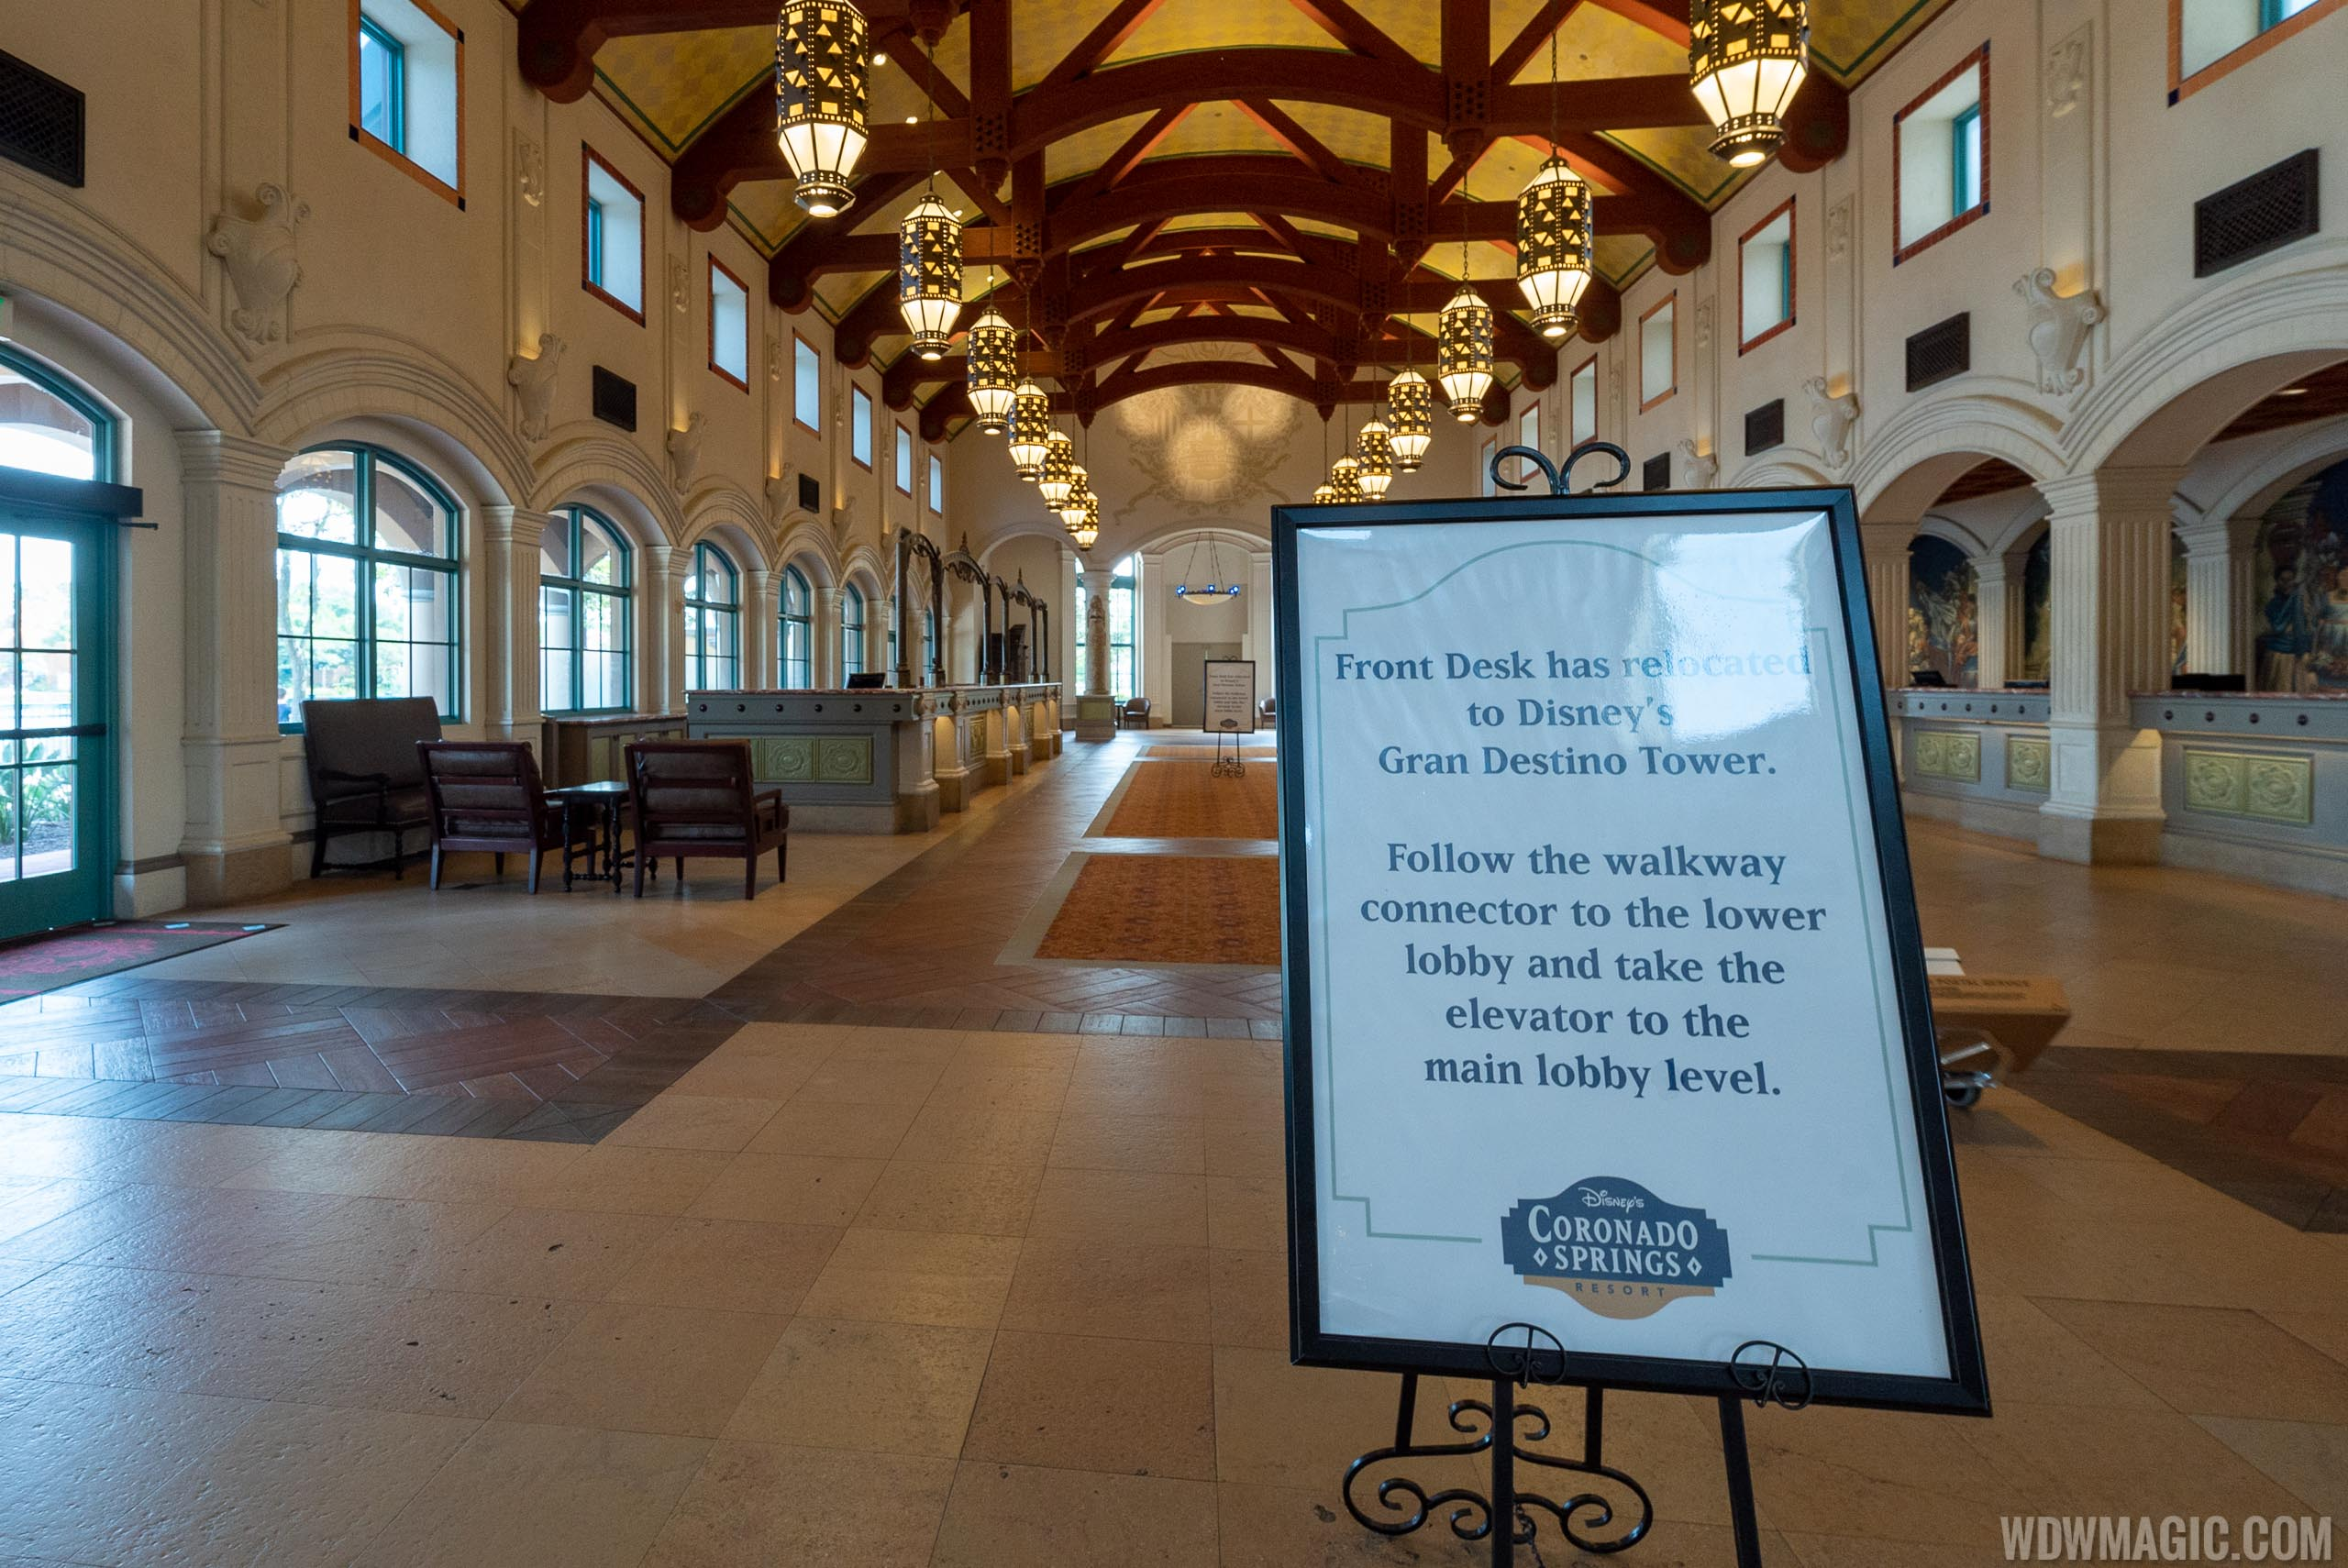 Disney's Coronado Springs El Centro closed check in area